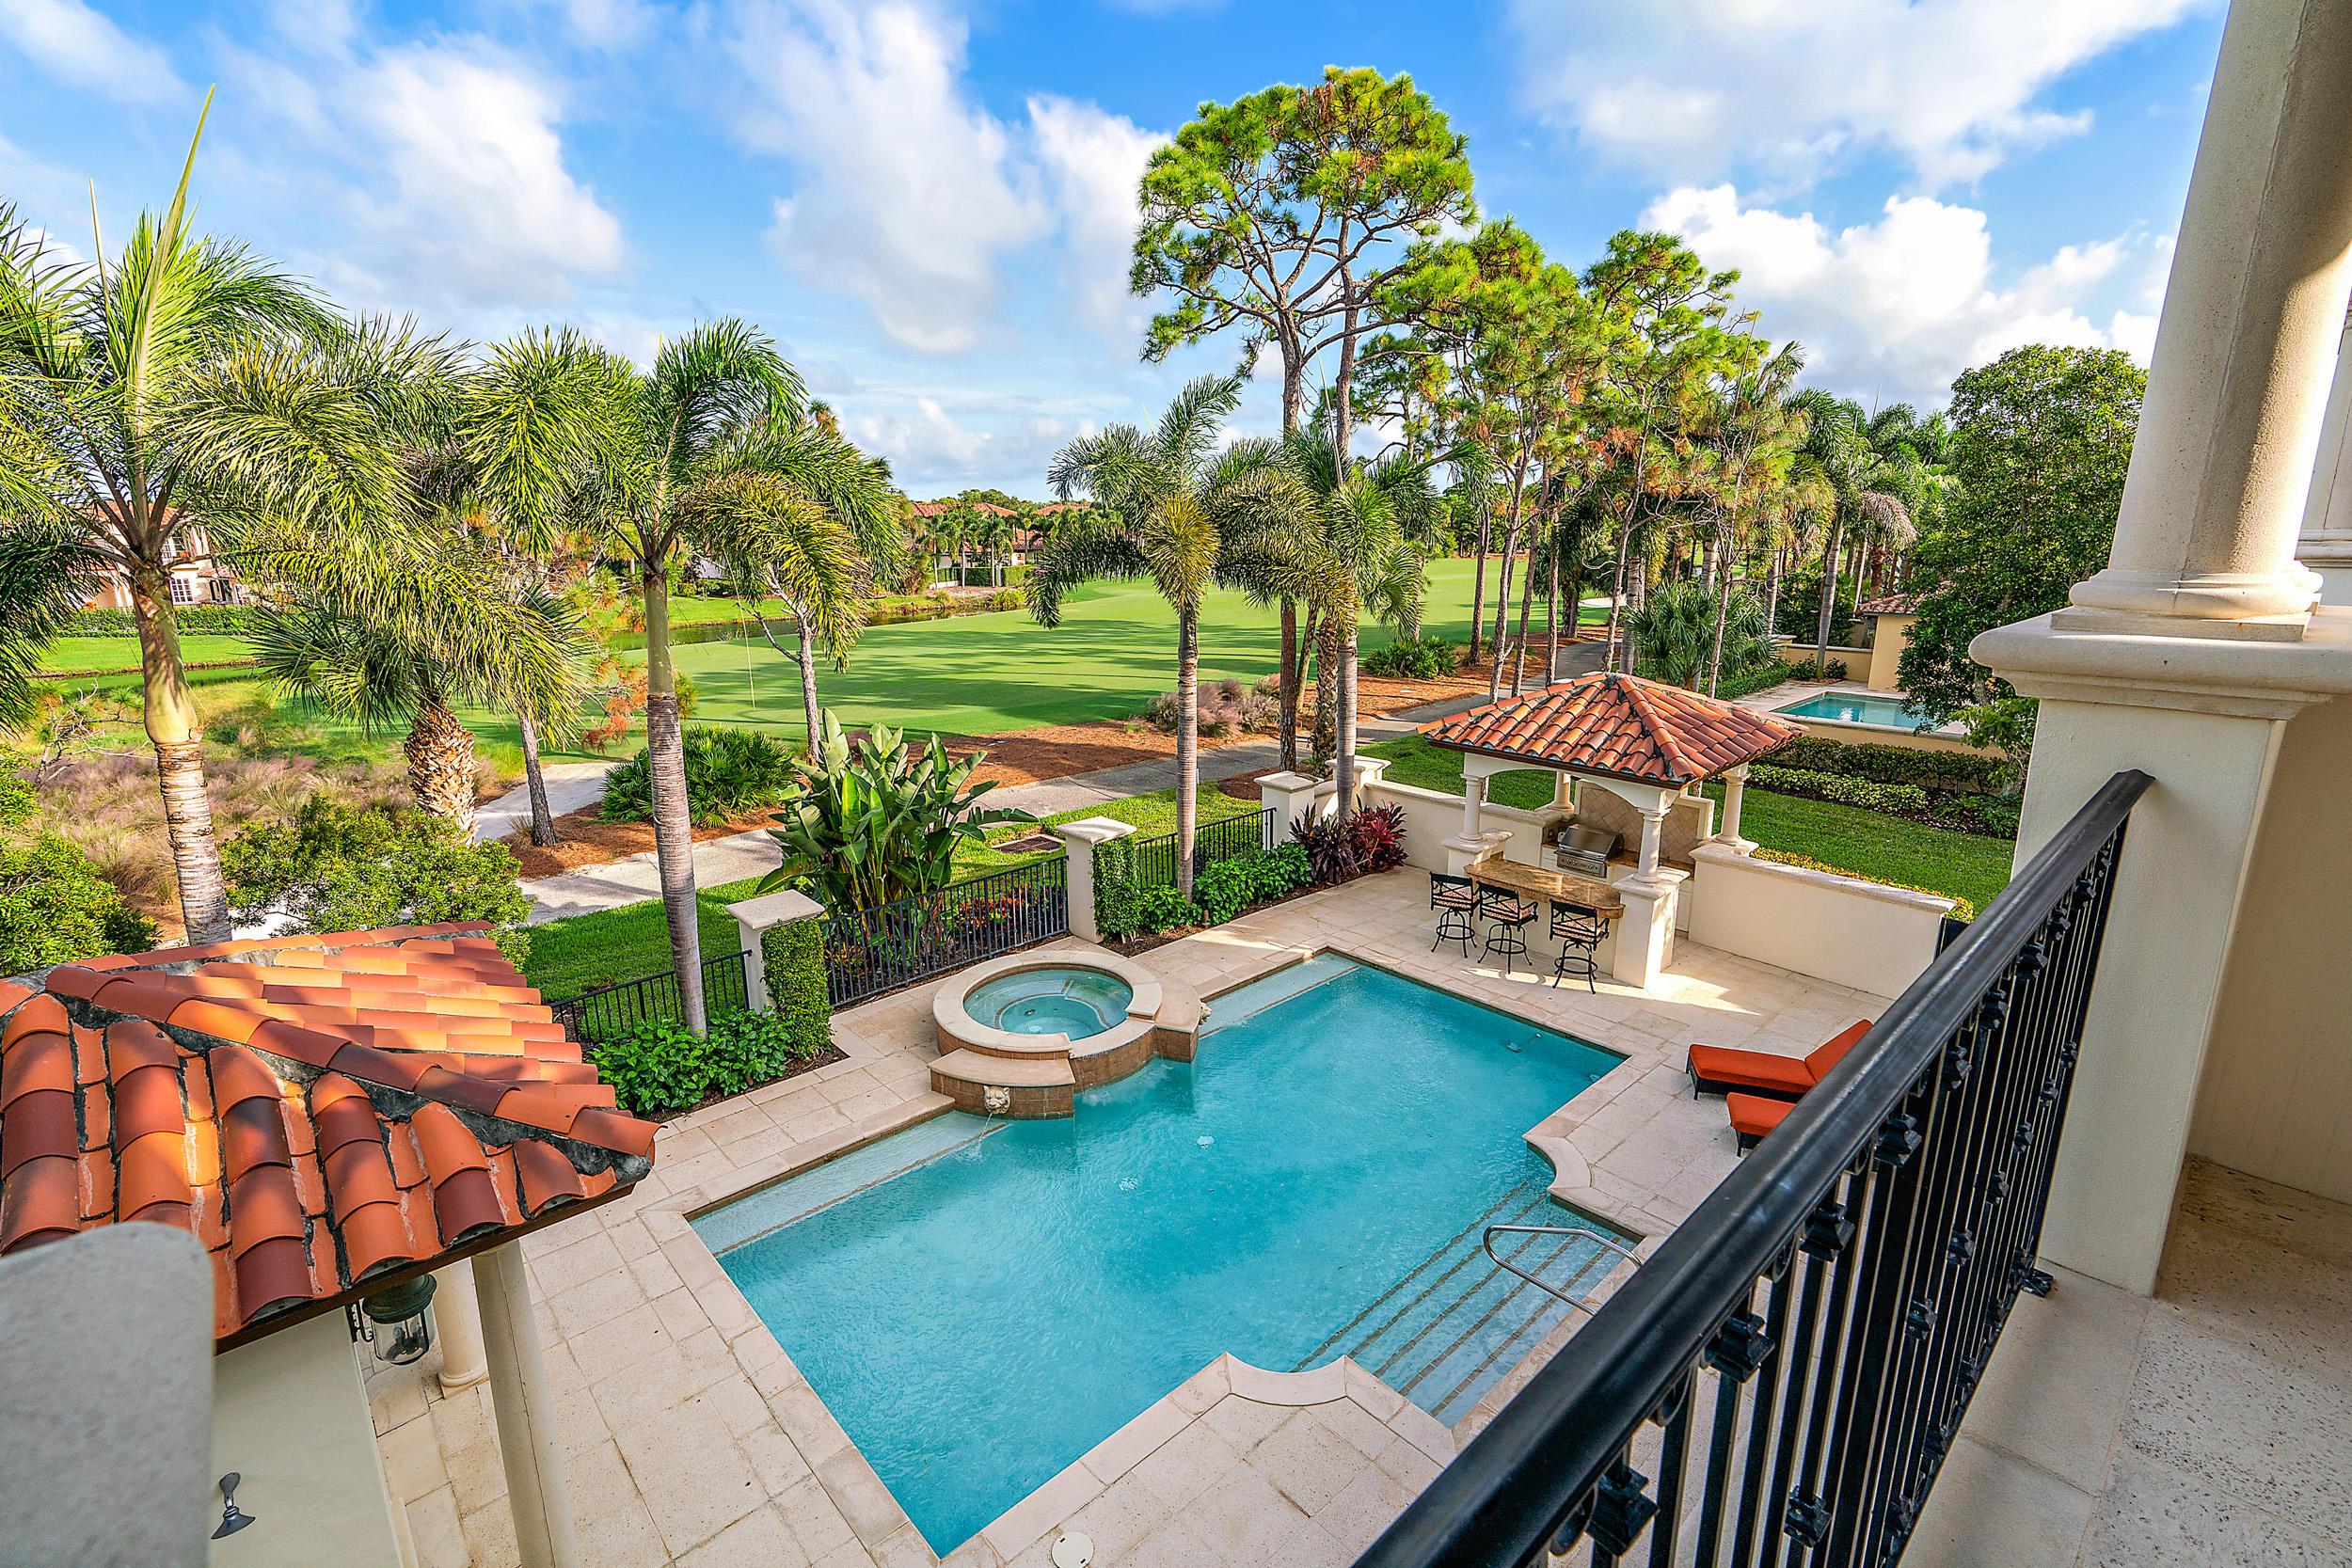 521 Bald Eagle Drive, Jupiter, Florida 33477, 5 Bedrooms Bedrooms, ,5.3 BathroomsBathrooms,A,Single family,Bald Eagle,RX-10588792